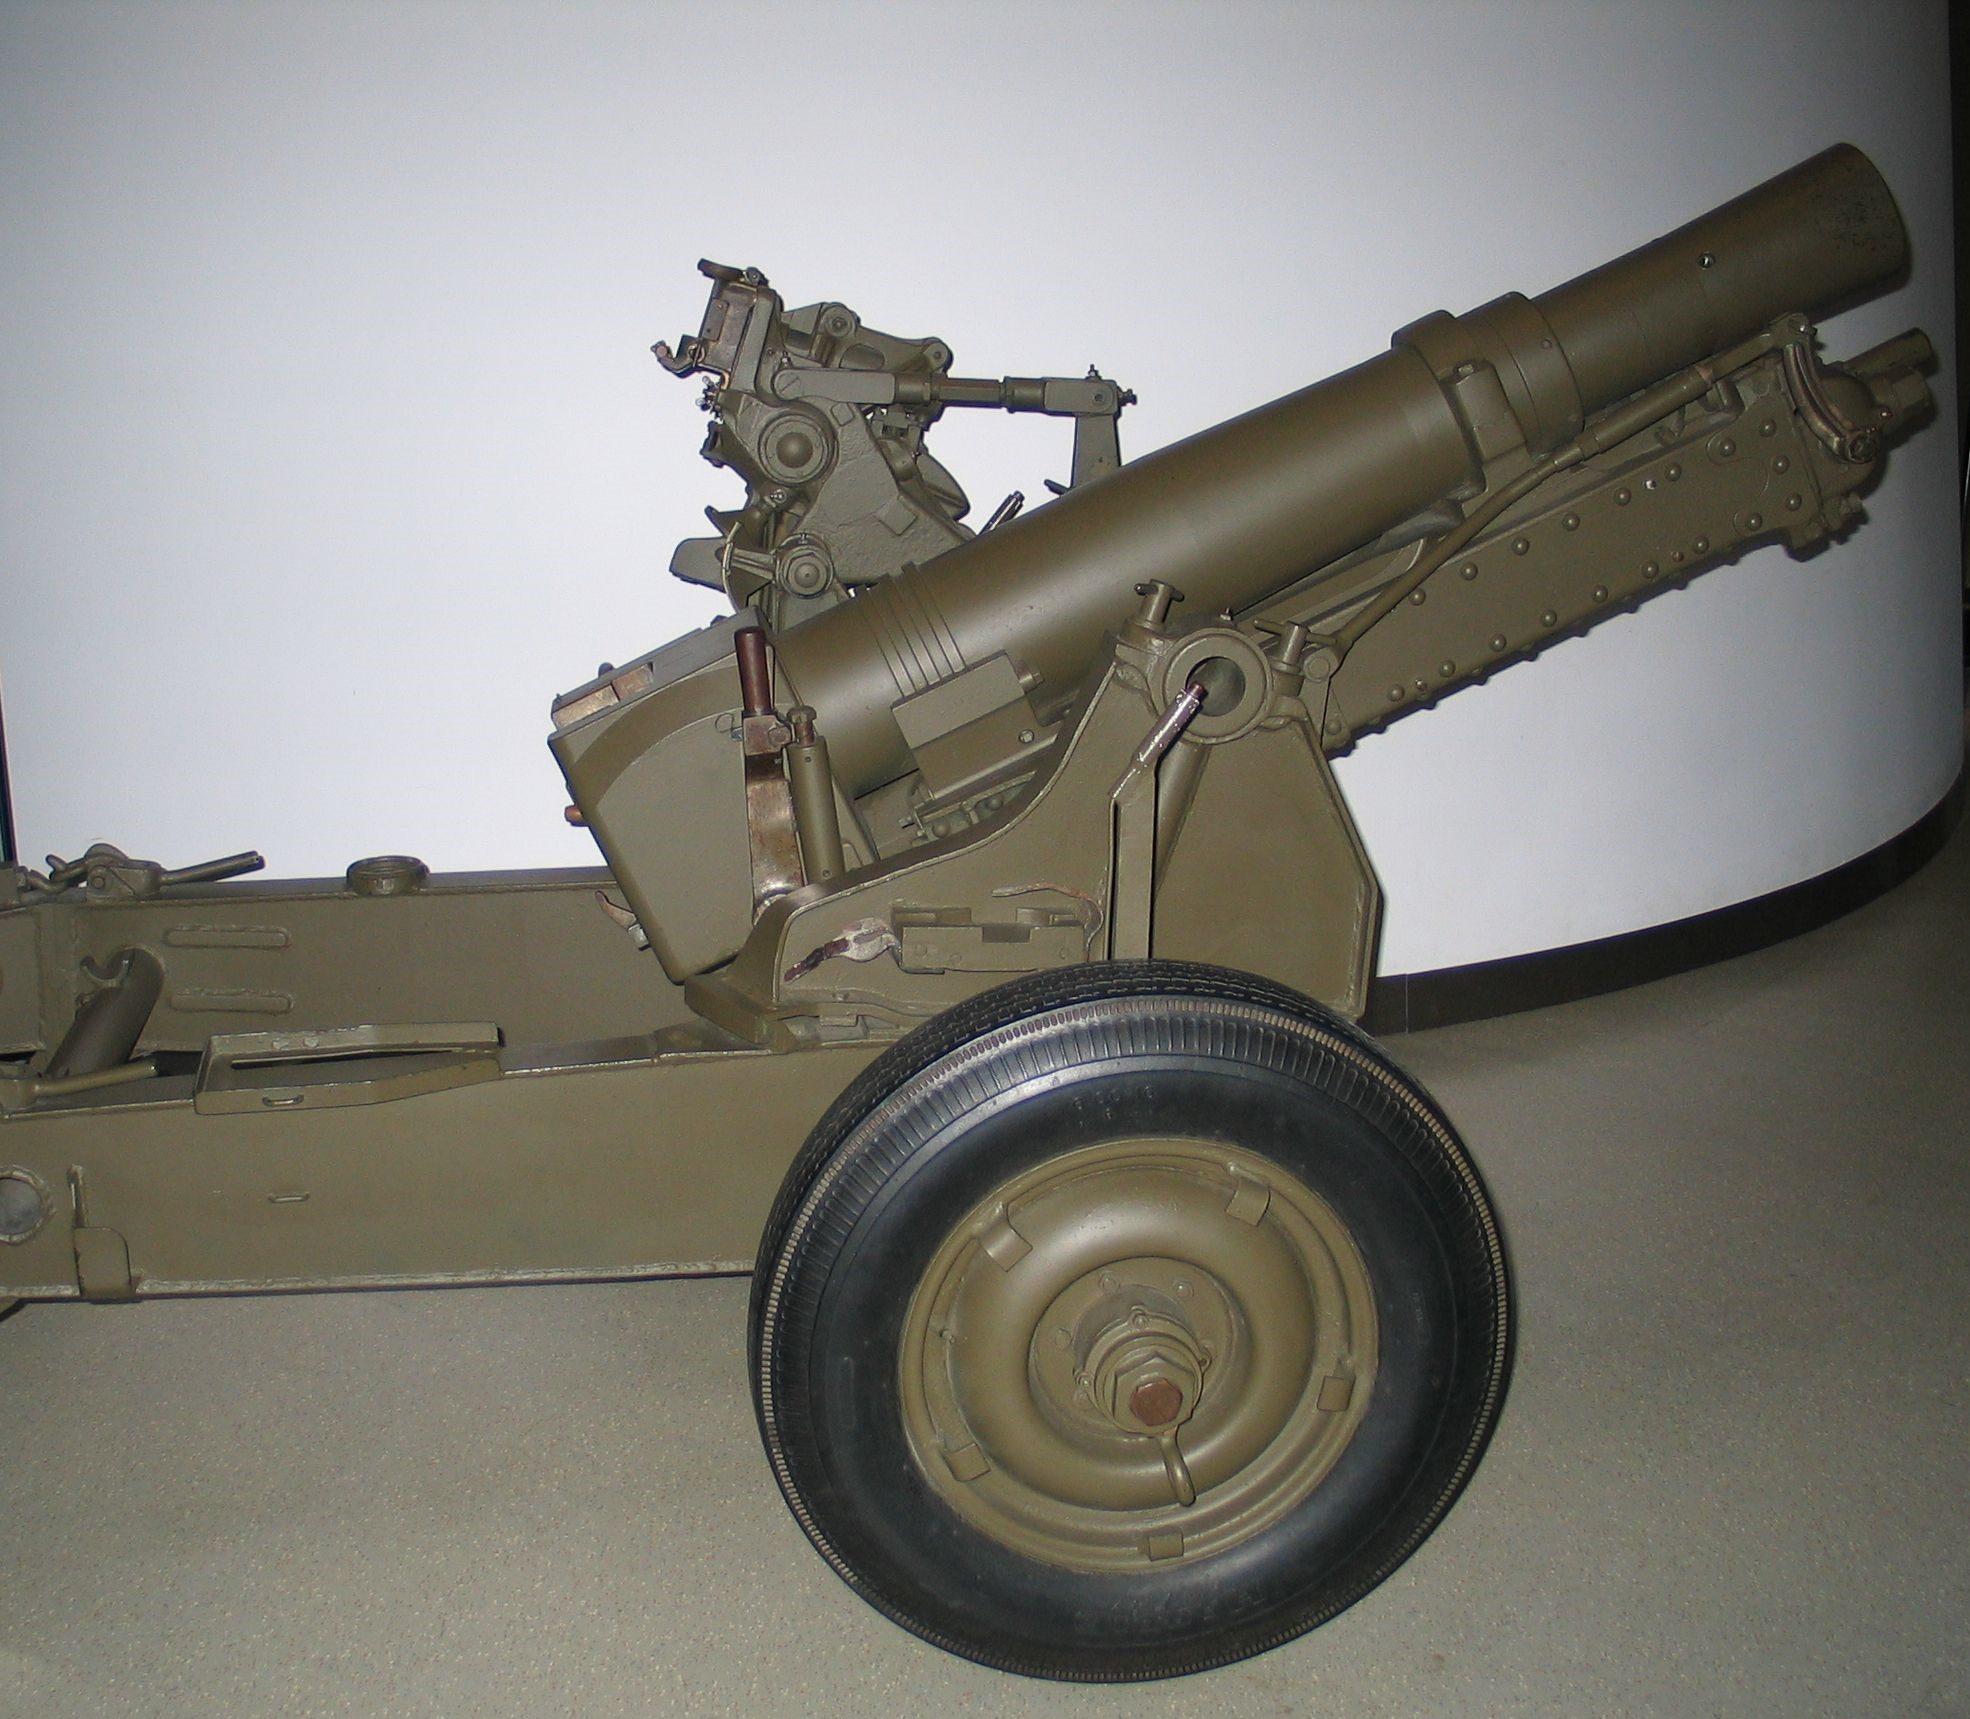 Пушка-гаубица Ordnance QF-25-pounder Short.